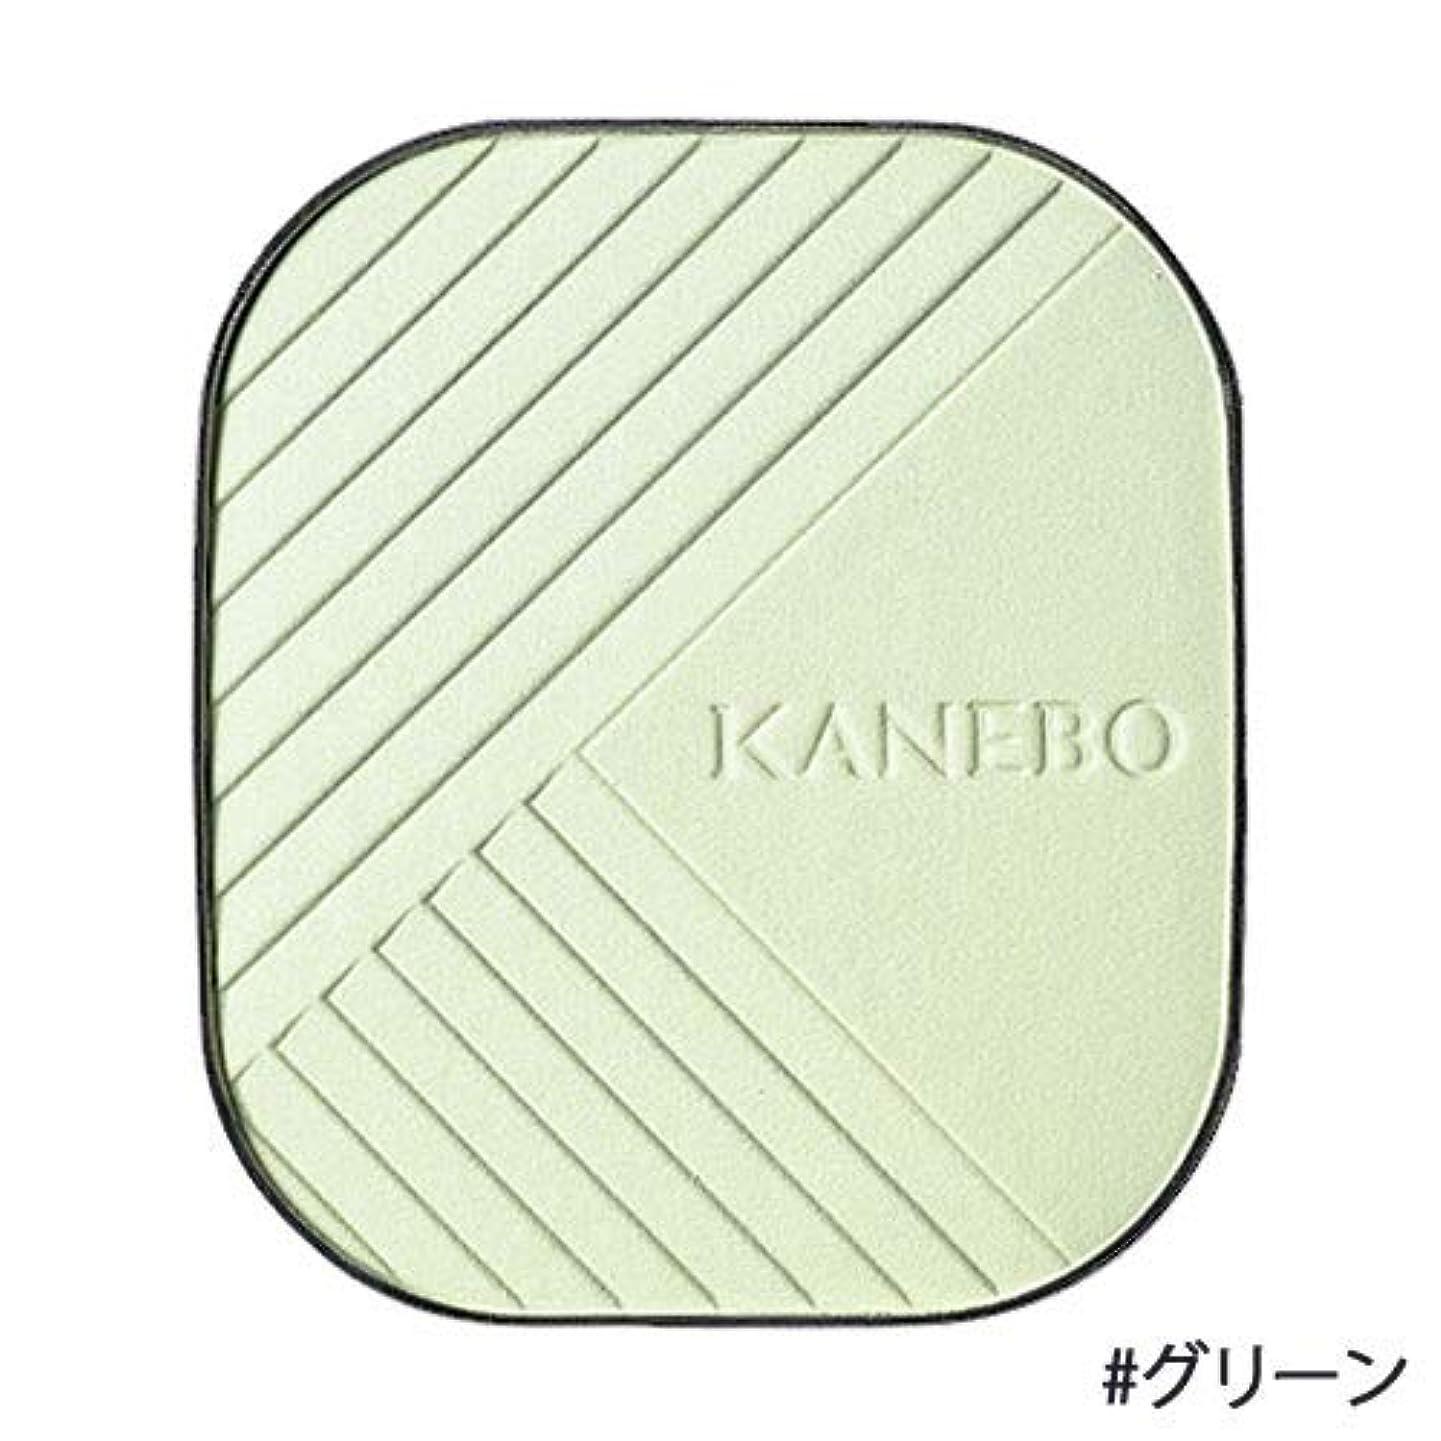 行進不定文明化するKANEBO カネボウ ラスターカラーファンデーション レフィル グリーン/GN 9g [並行輸入品]